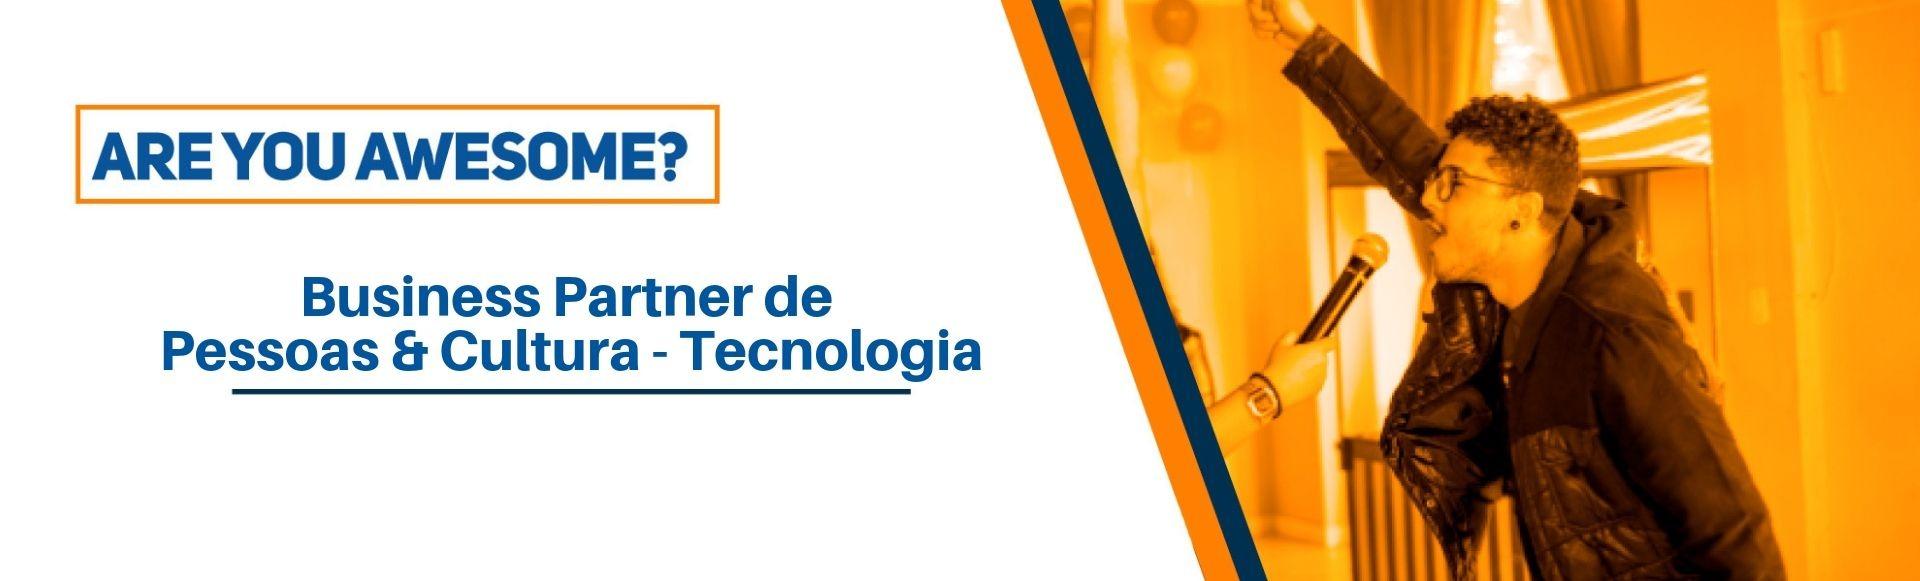 Business Partner de Pessoas & Cultura - Tecnologia